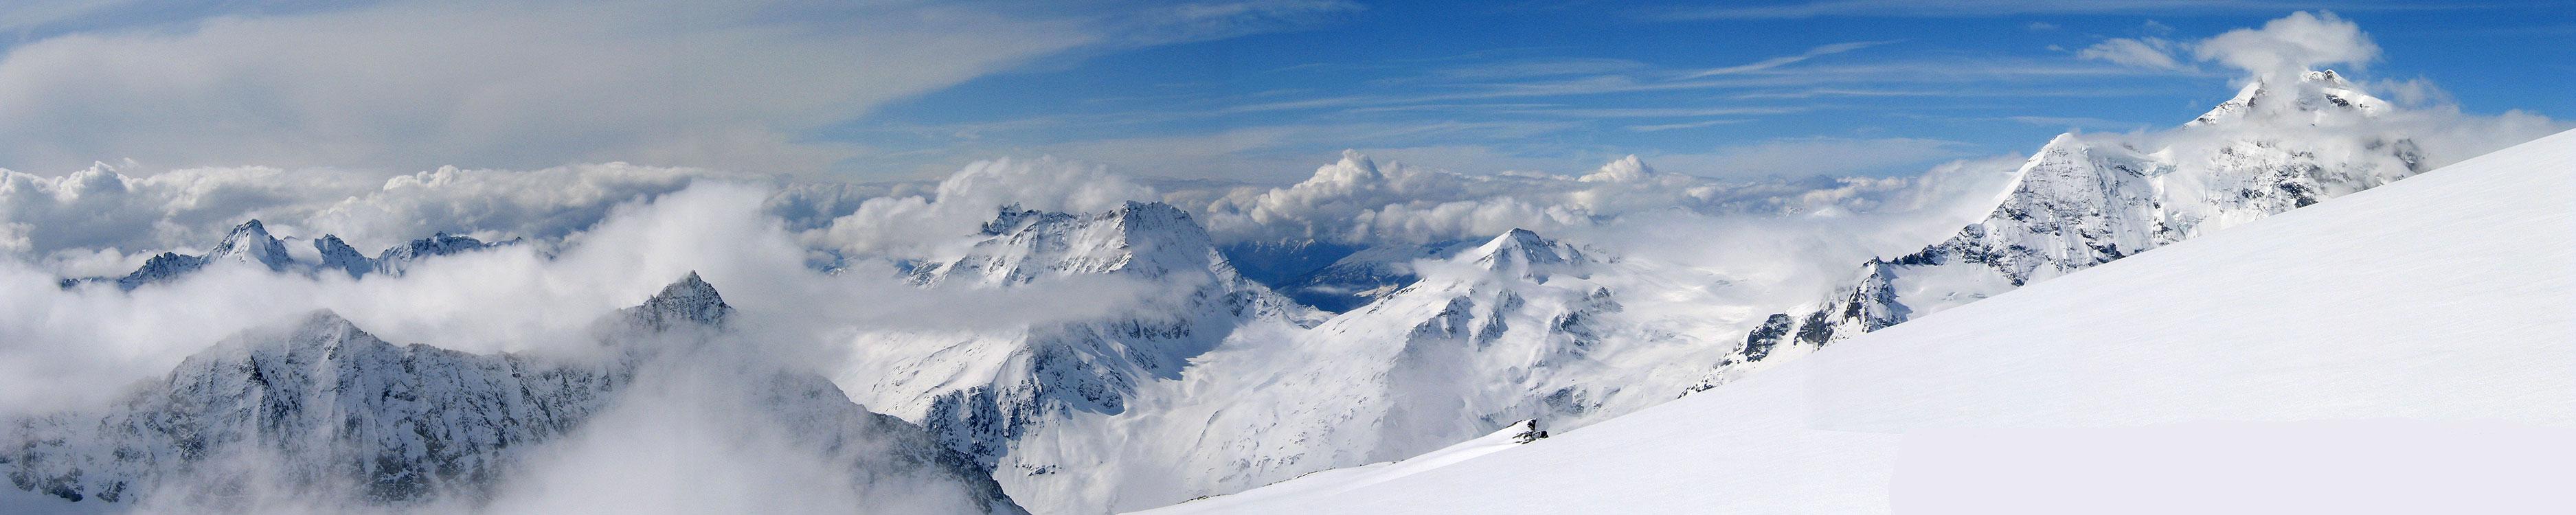 La Ruinette Walliser Alpen / Alpes valaisannes Switzerland panorama 29